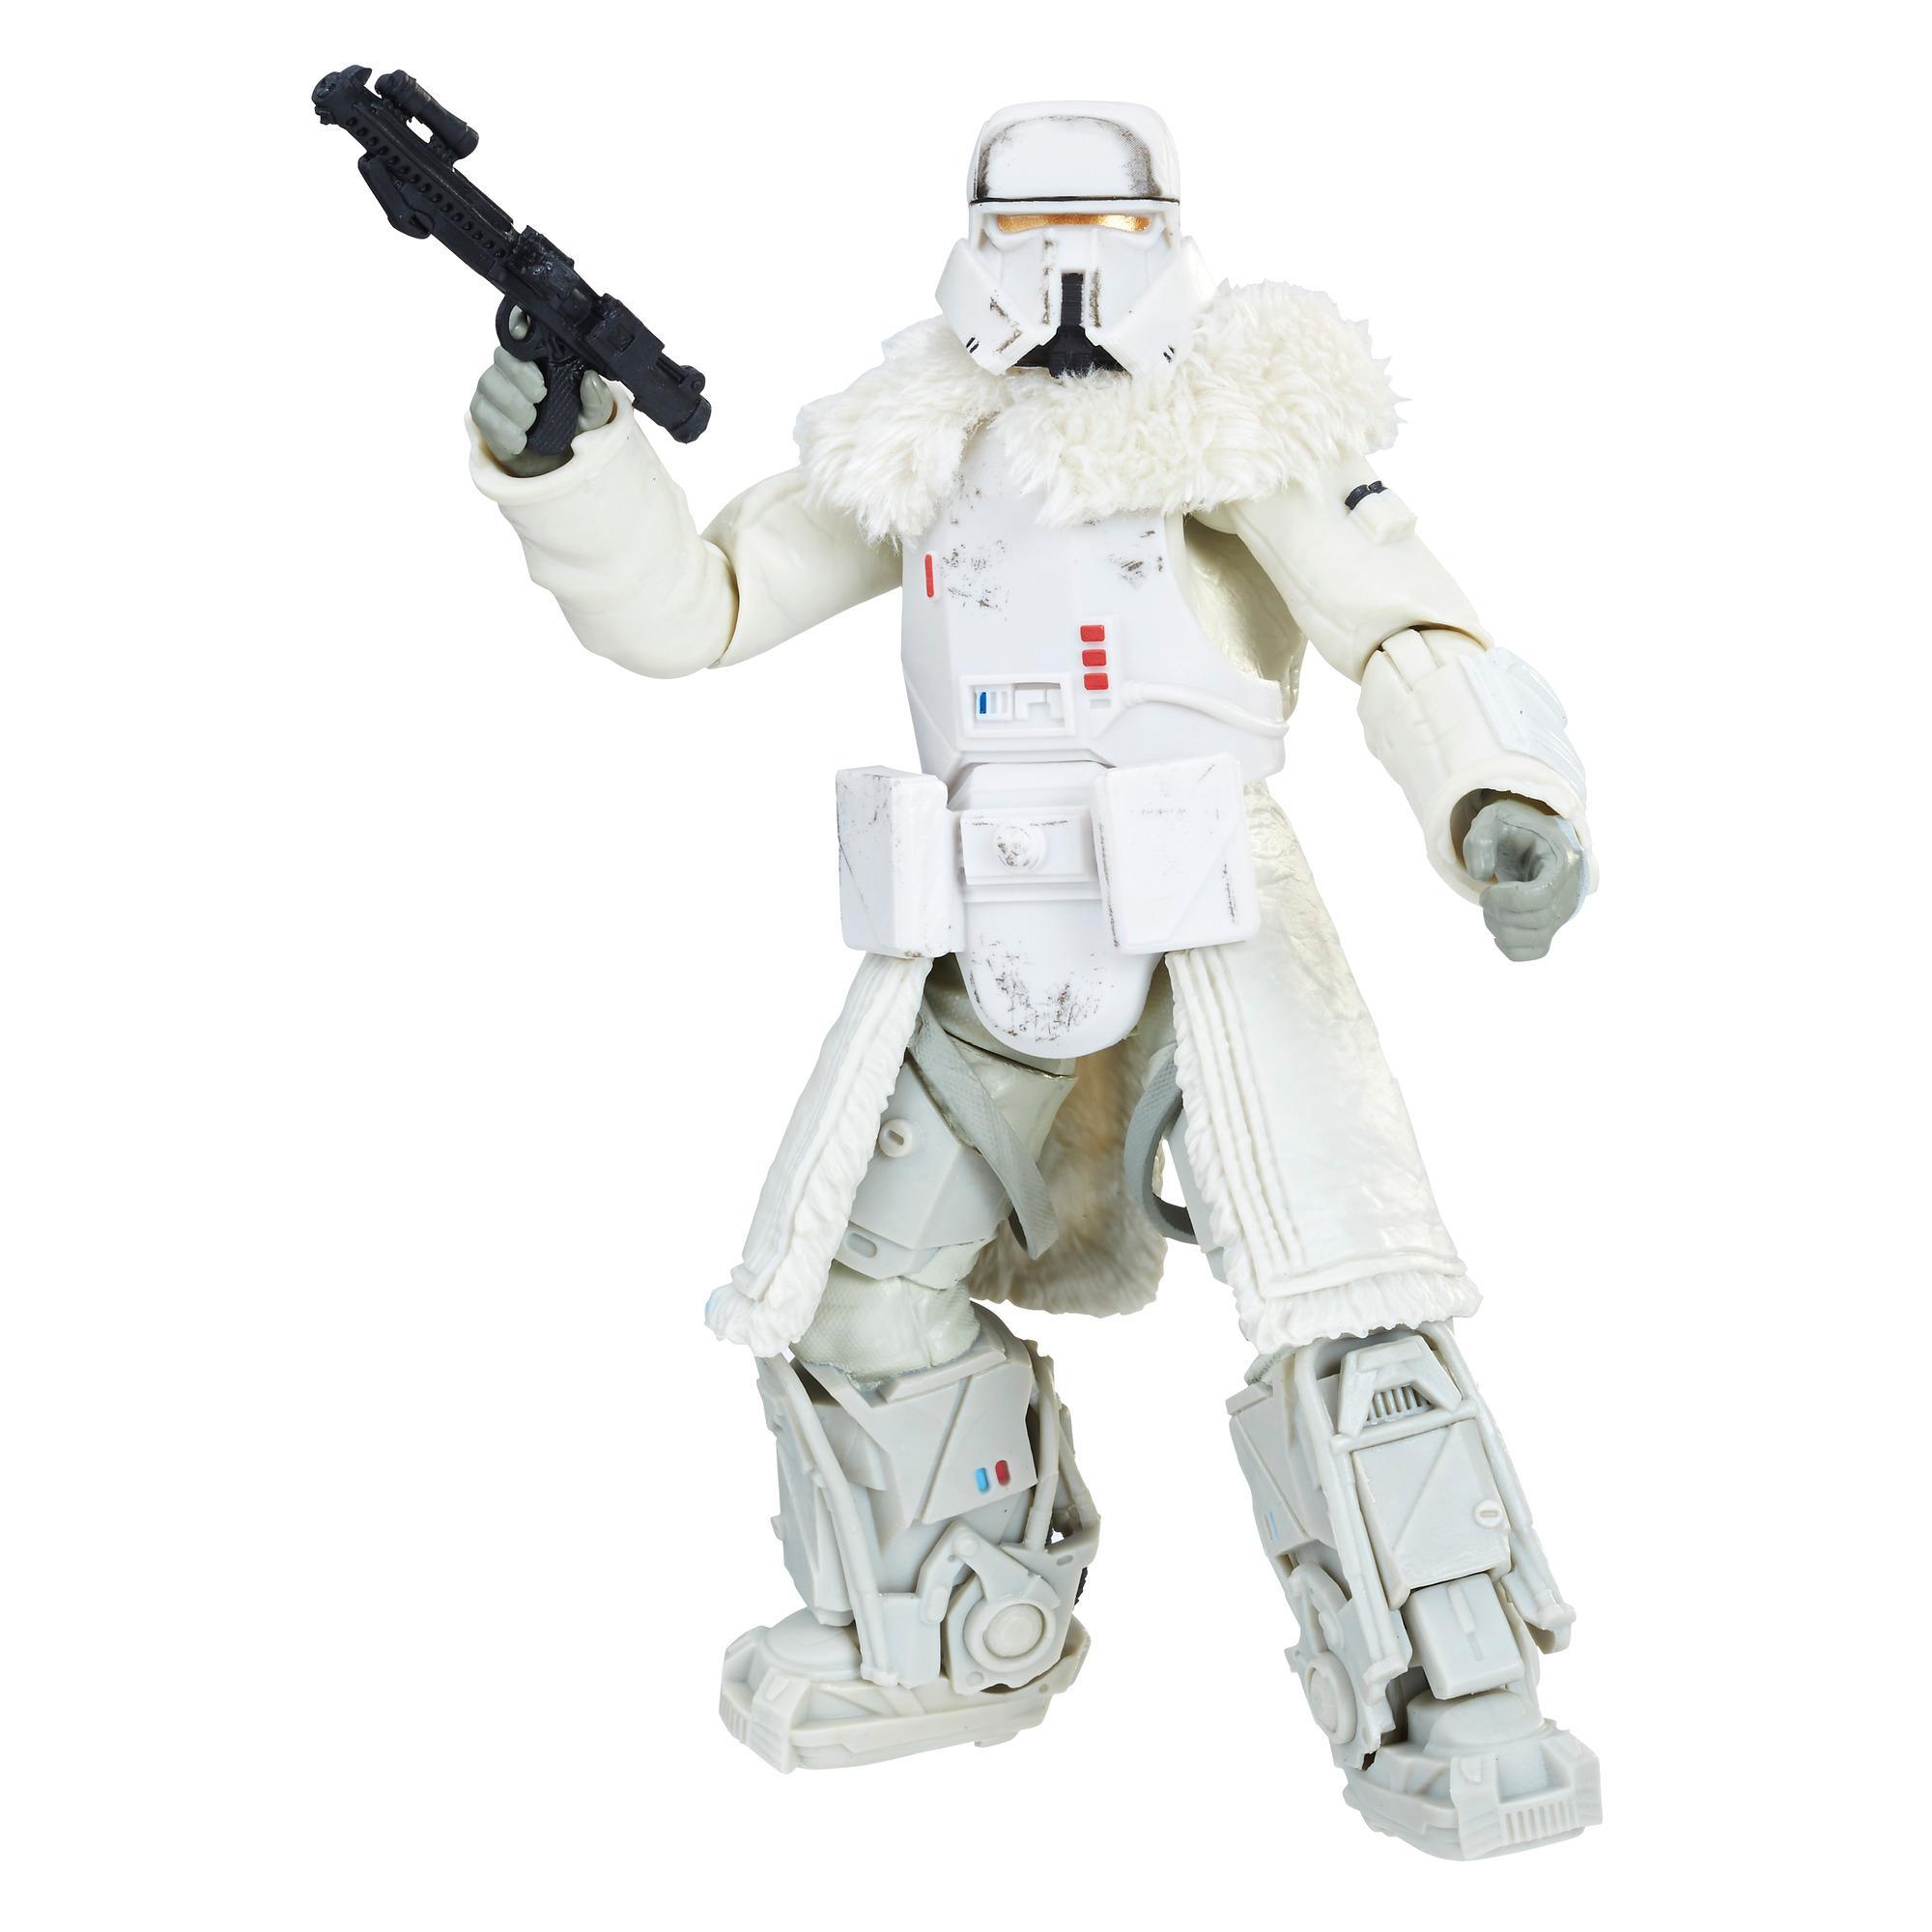 Star Wars Série noire - Trooper frontalier de 15 cm